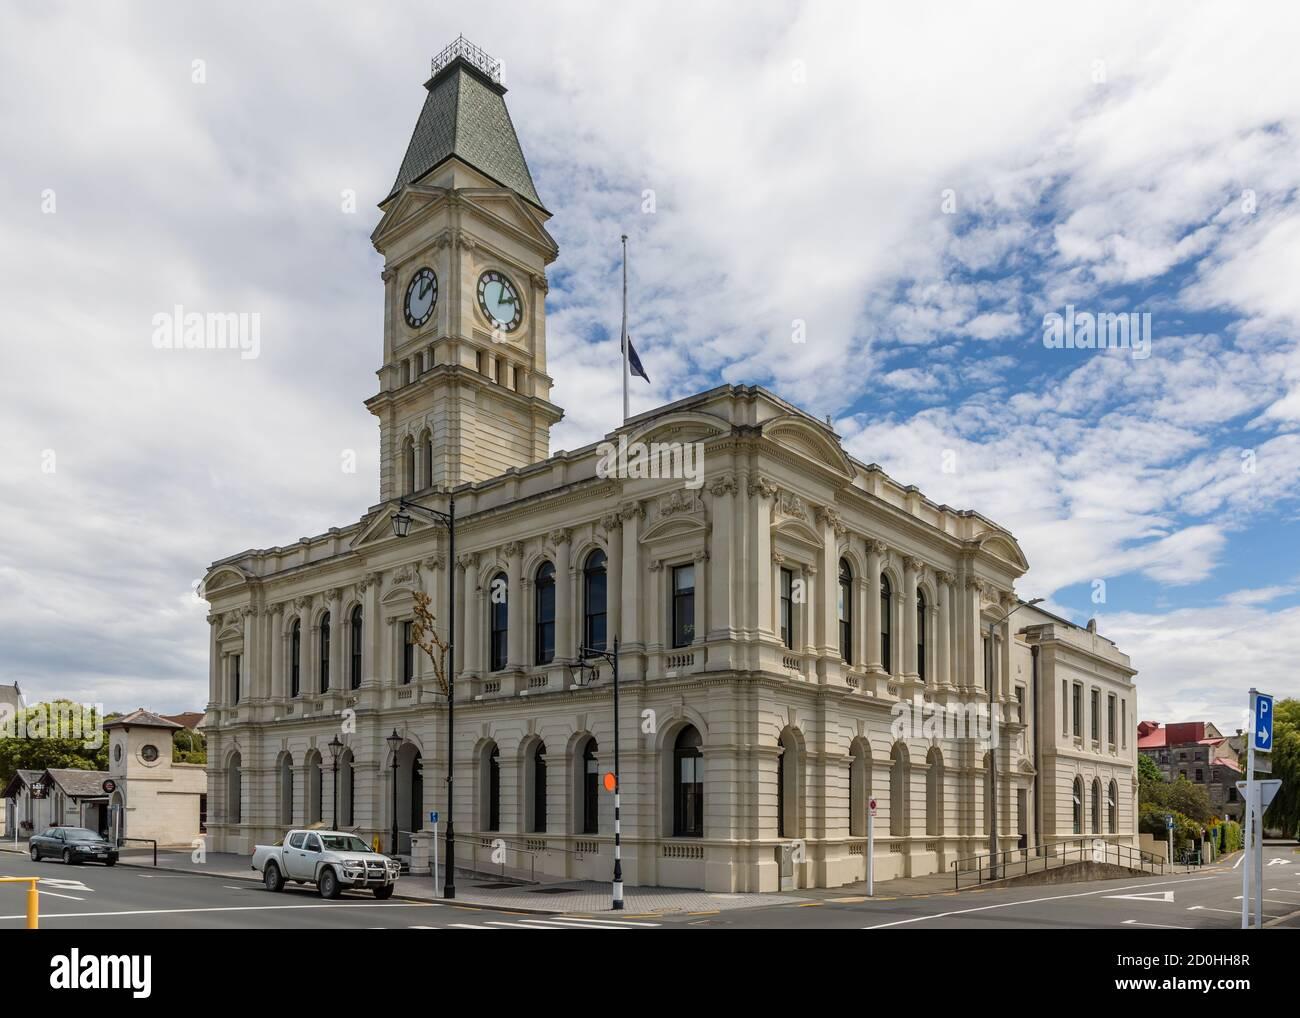 Waitaki District Council, rue Thames, Oamaru, Otago, Nouvelle-Zélande Banque D'Images